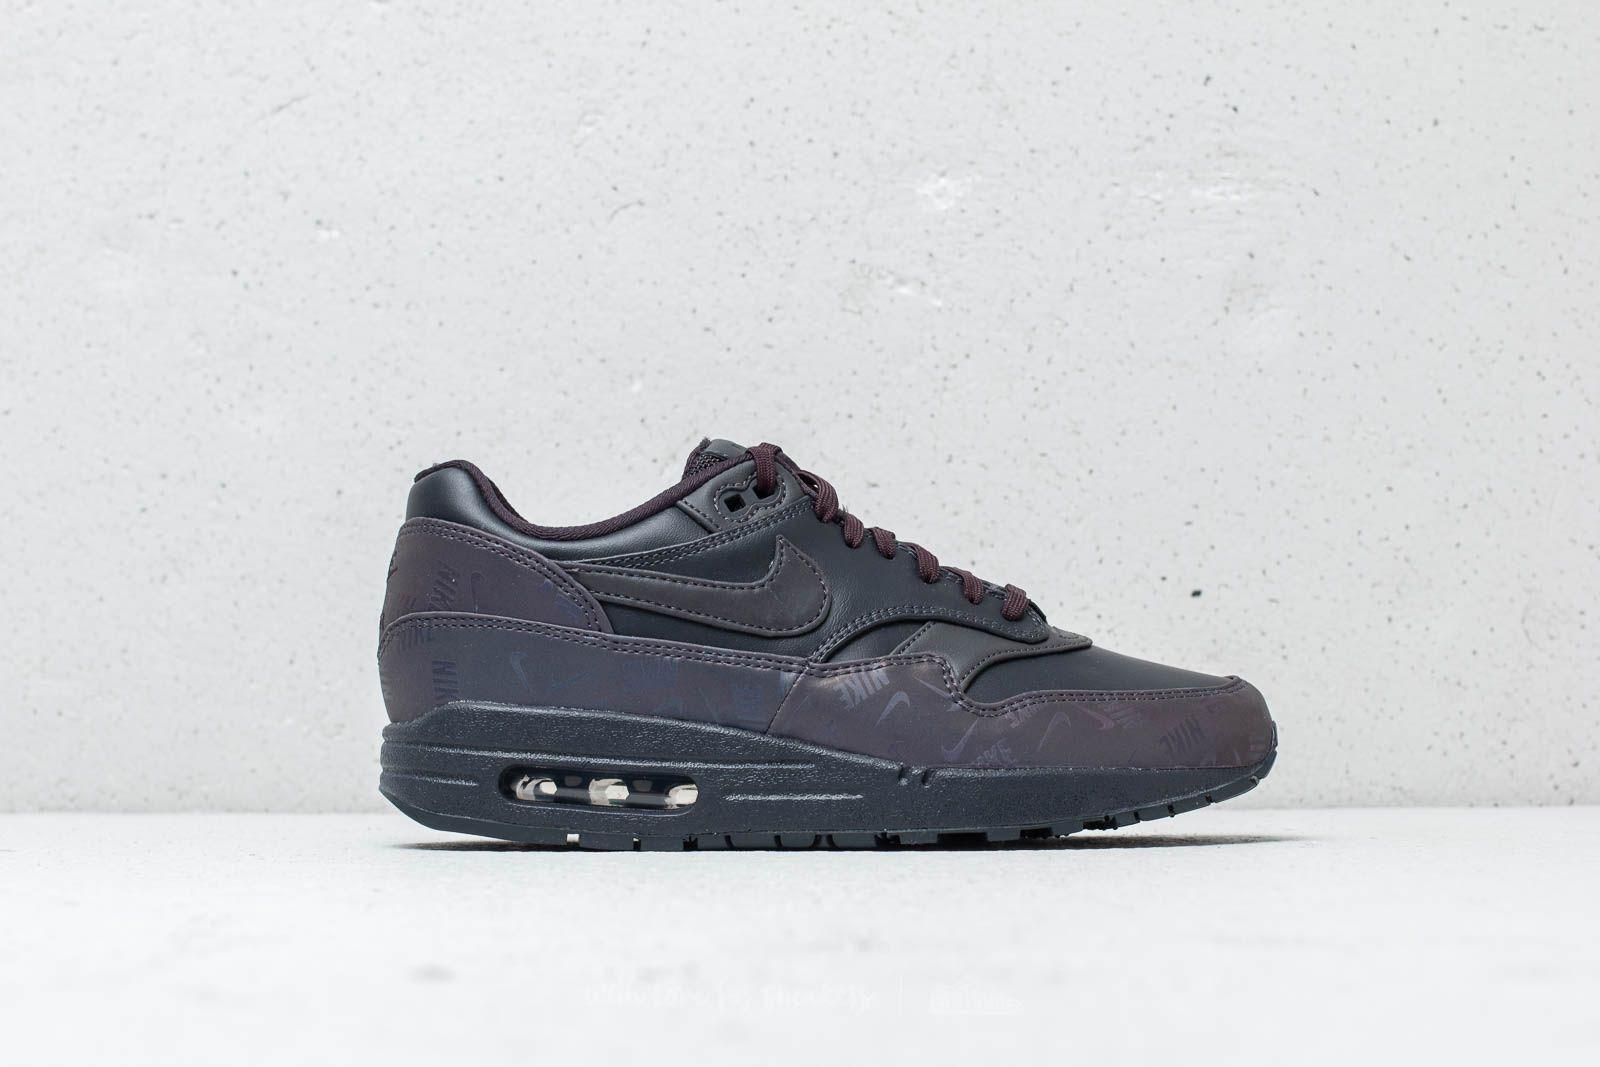 Nike WMNS Air Max 1 LX Oil Grey Oil Grey Oil Grey | Footshop